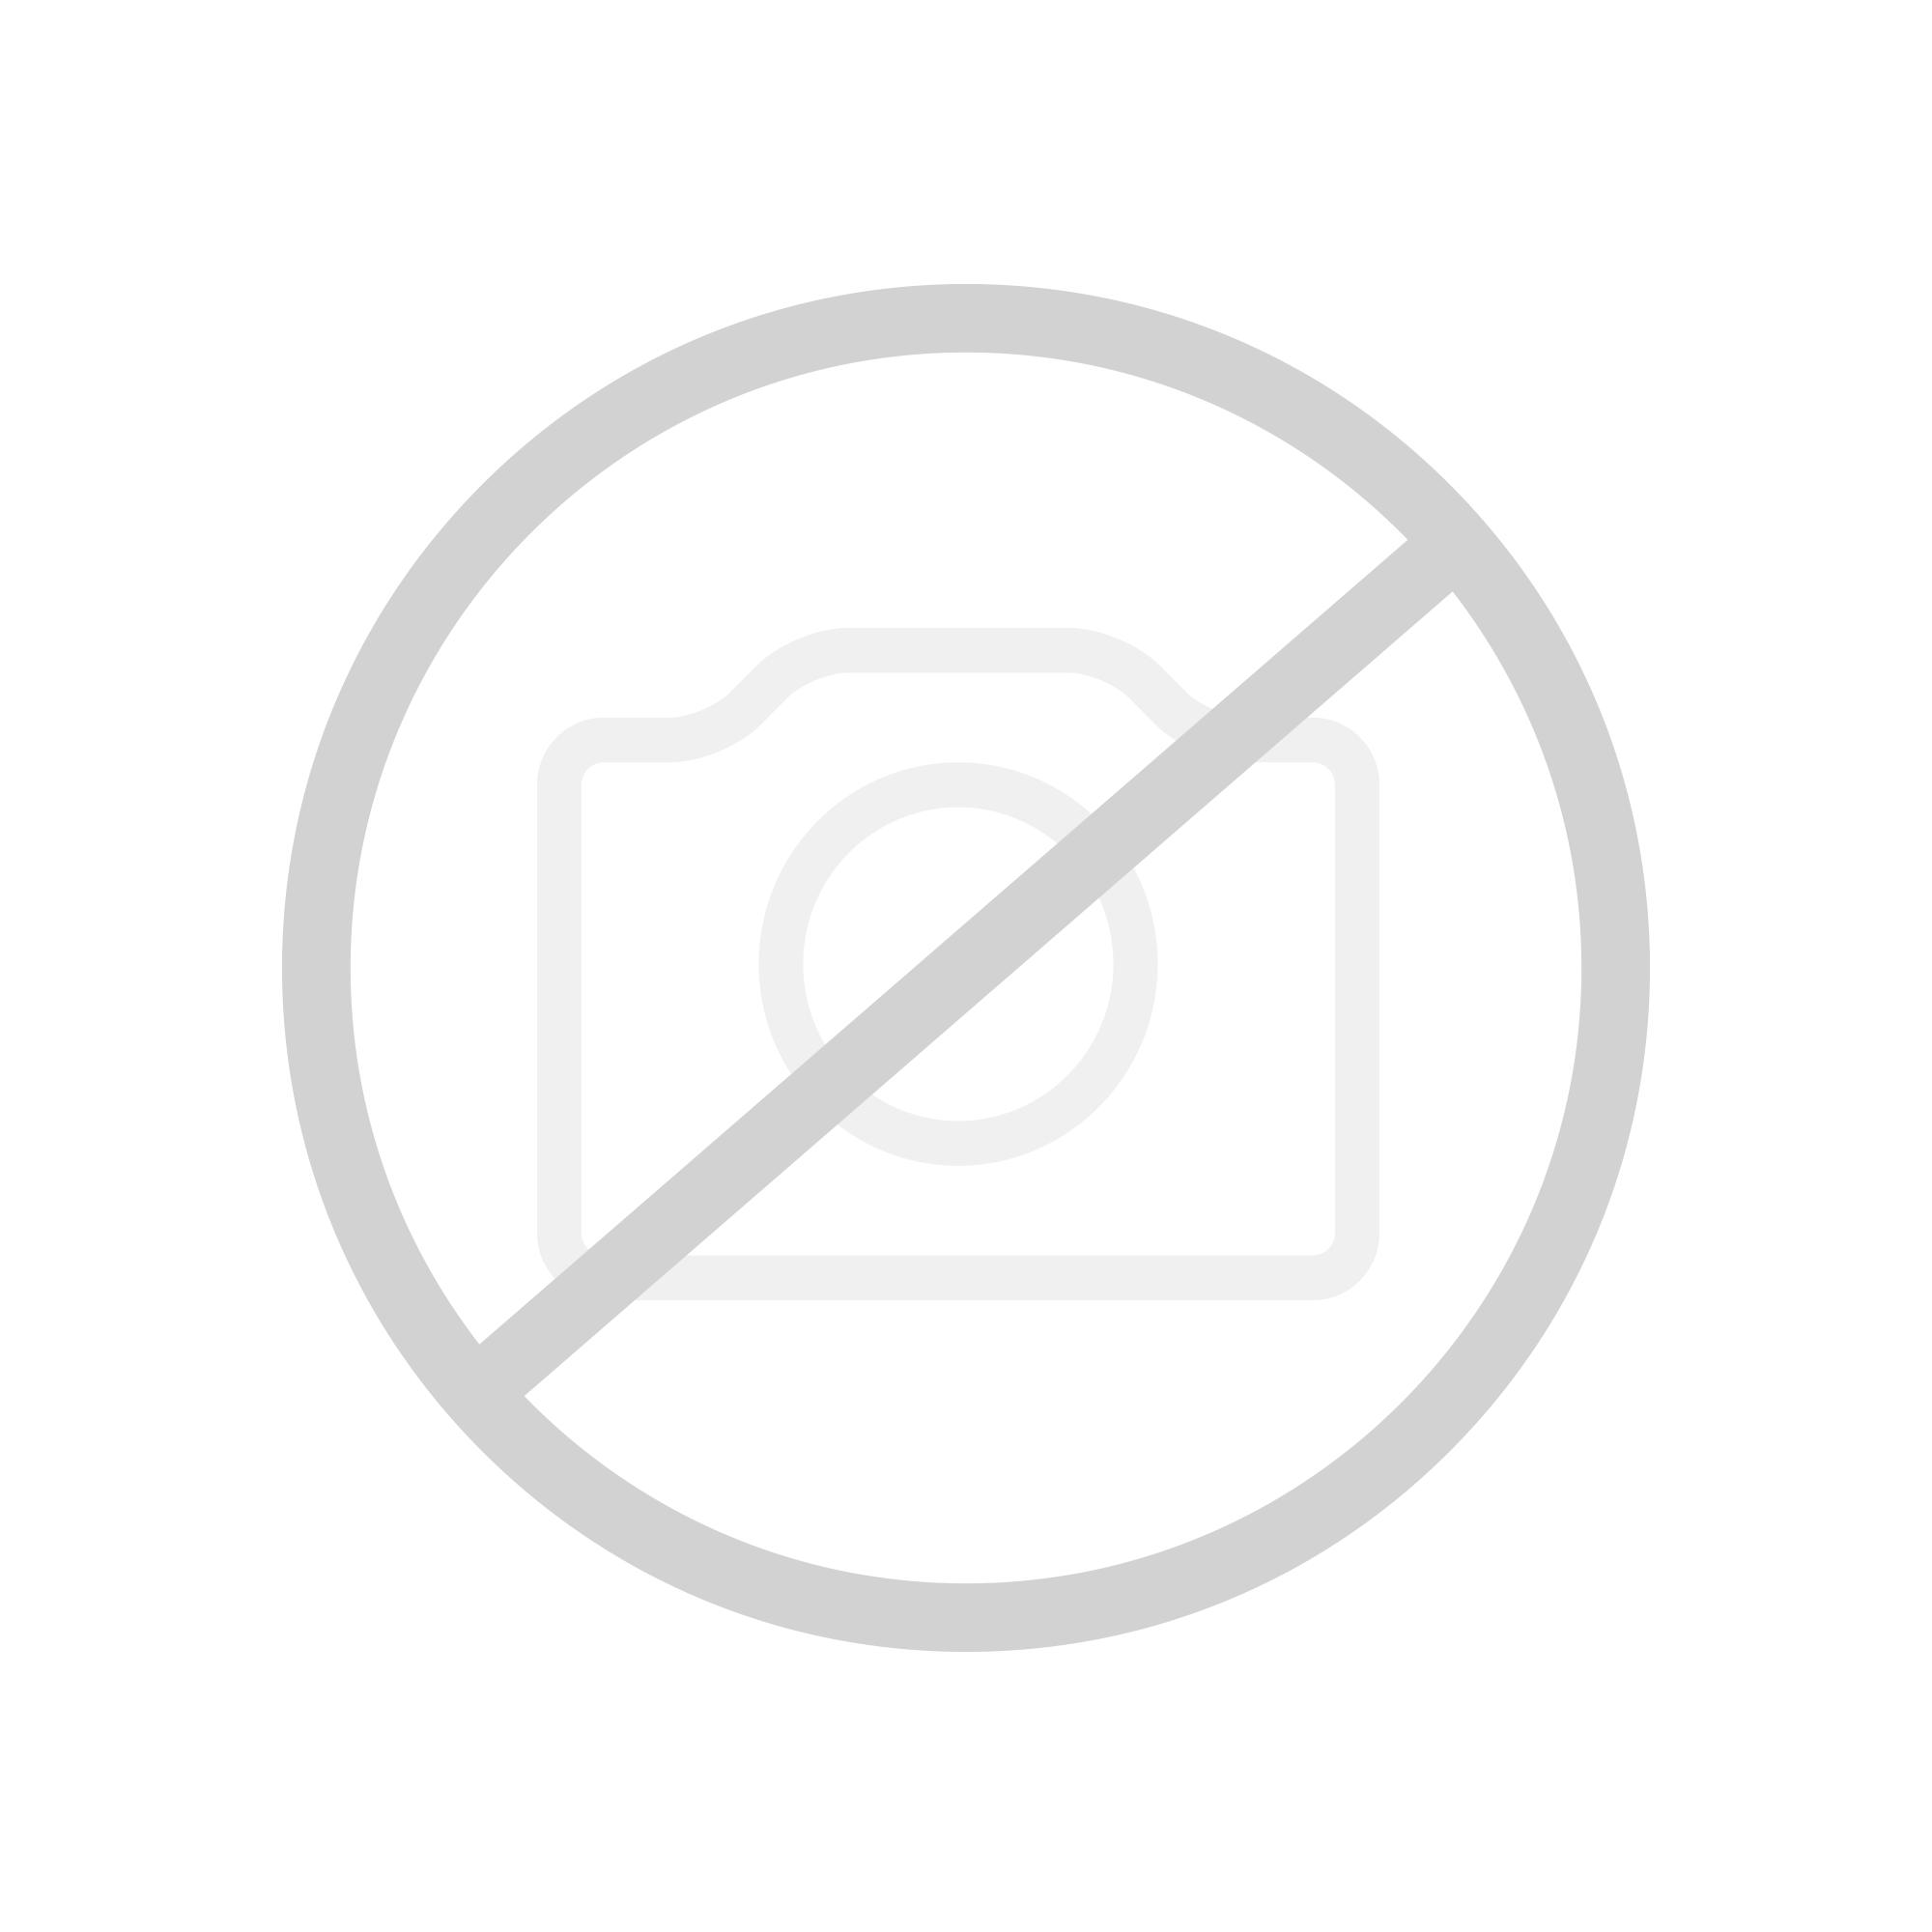 Hansa Viva Kopfbrause B: 200 T: 200 mm, mit Brausearm